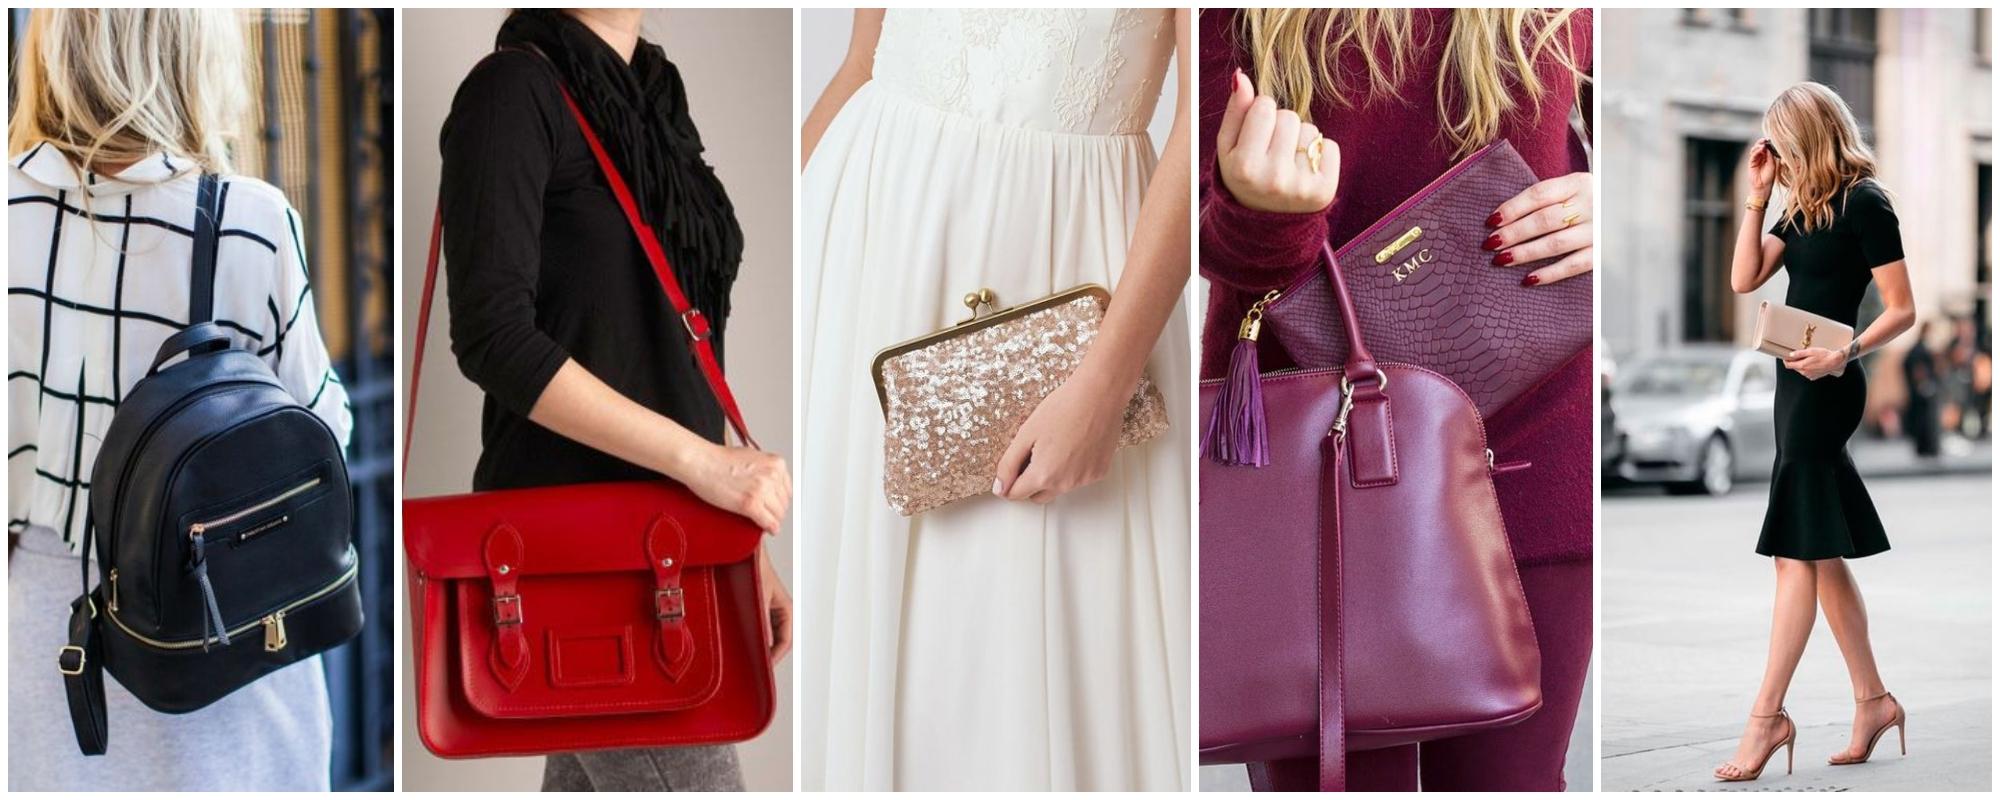 Bolsas femininas: conheça 10 modelos indispensáveis